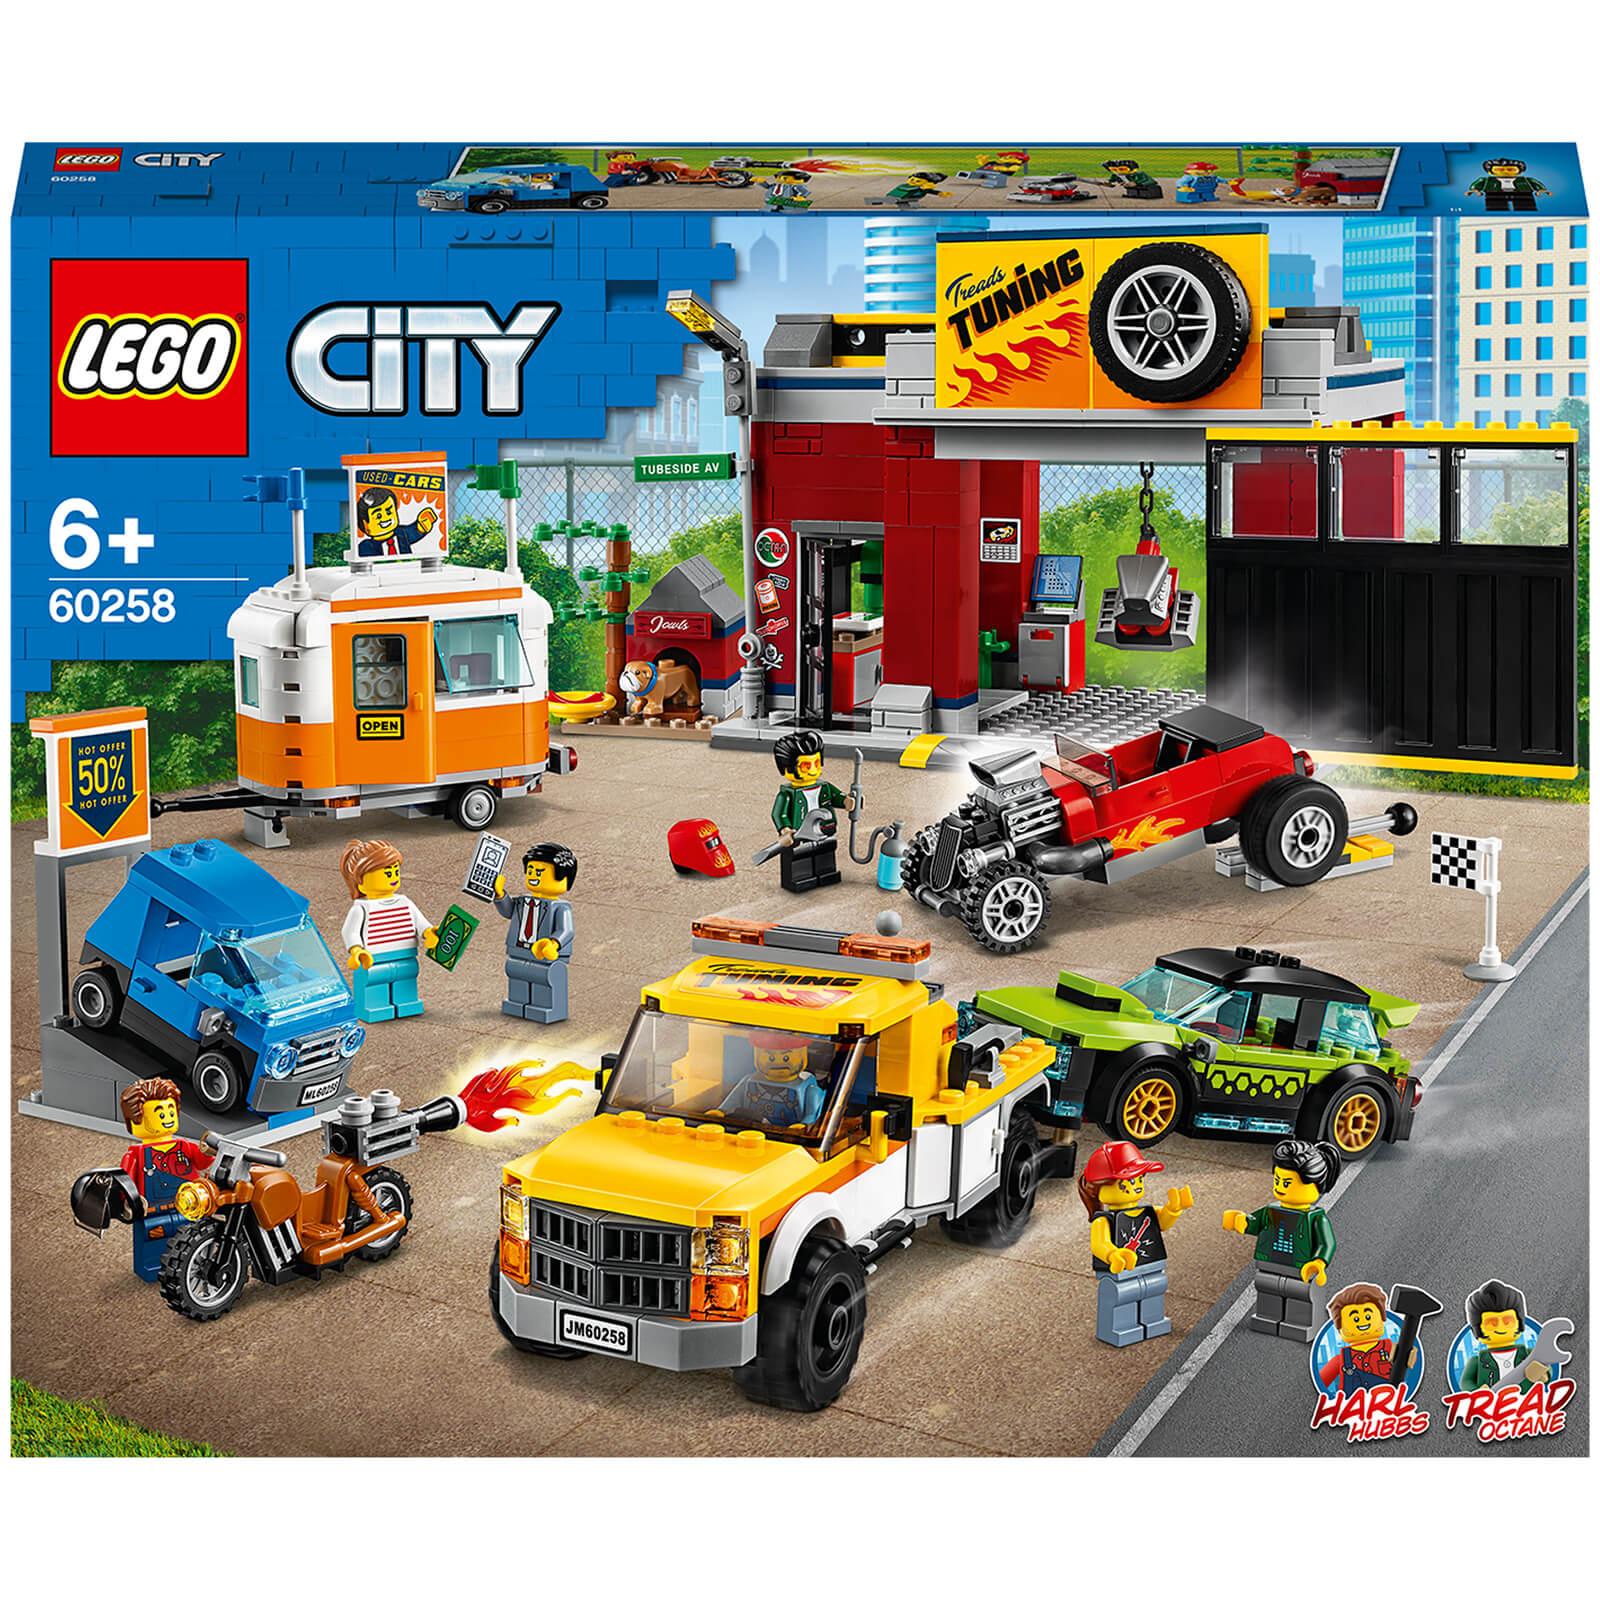 Image of 60258 LEGO® CITY Tuning workshop